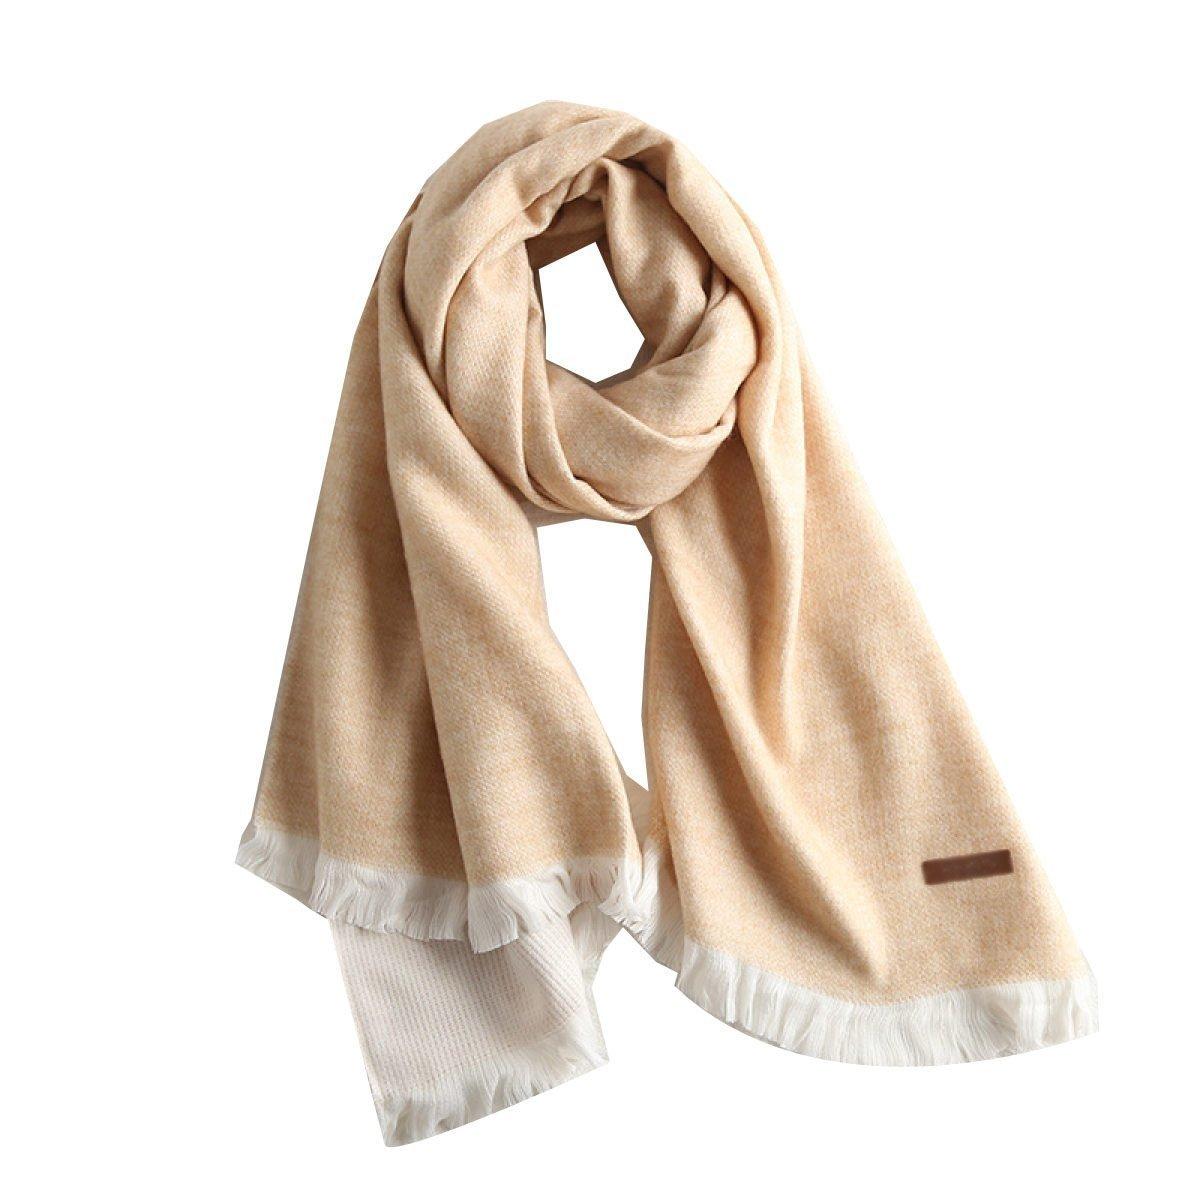 DIDIDD Bufanda doble cara engrosamiento caliente estudiante simple mantón,B,194 * 74cm